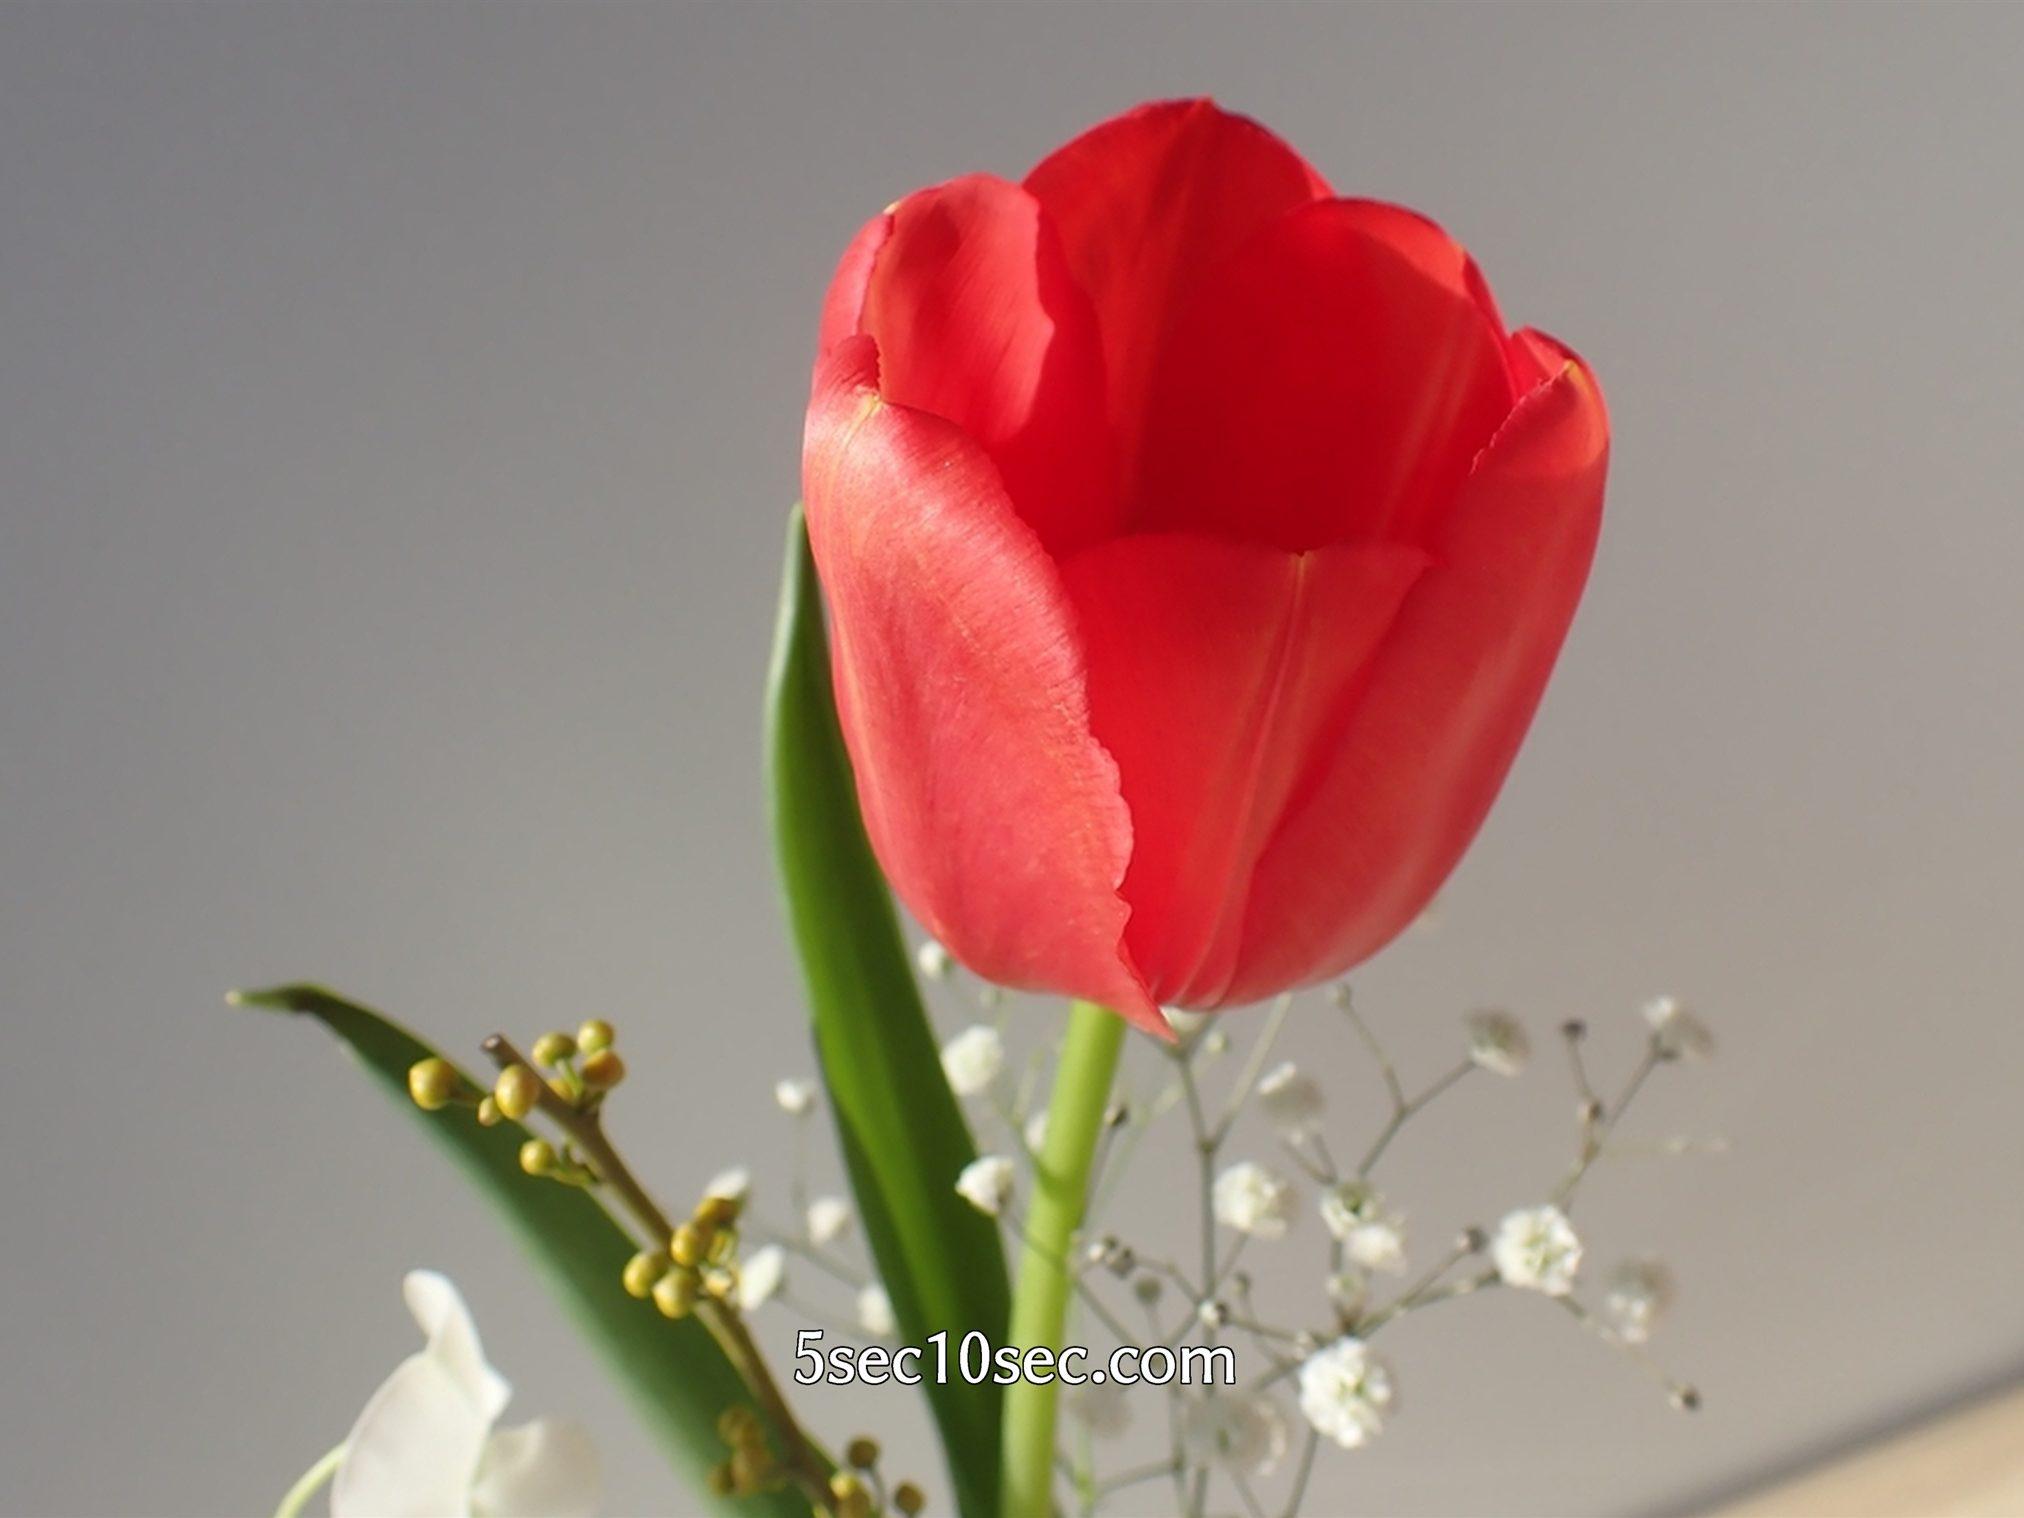 株式会社Crunch Style お花の定期便 Bloomee LIFE ブルーミーライフ 暖かく明るいところに置くと、1日のうちにすぐにチューリップのつぼみが開く